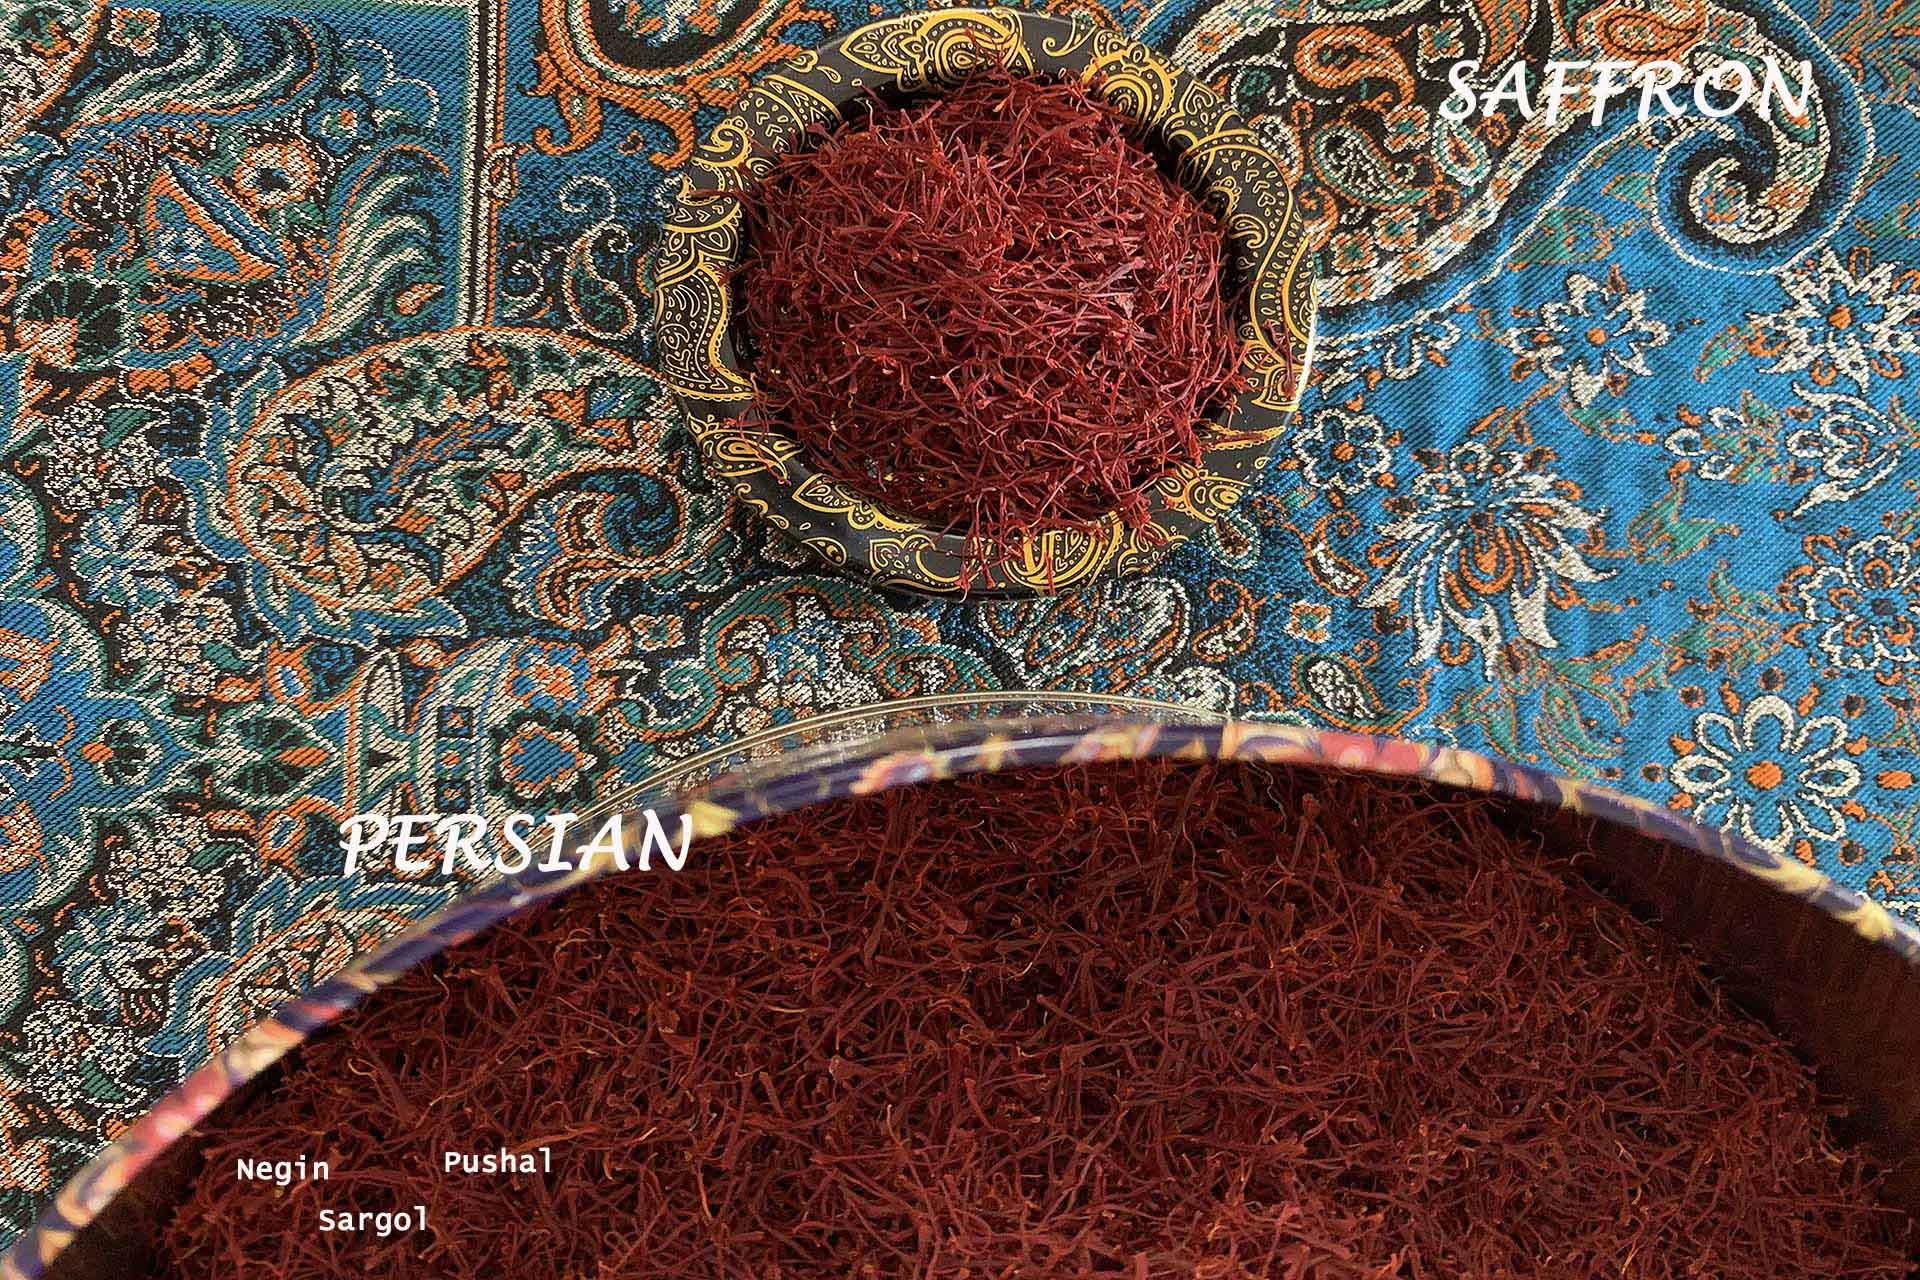 kernelo nutskala saffron wholesale bazaar price safran asafron